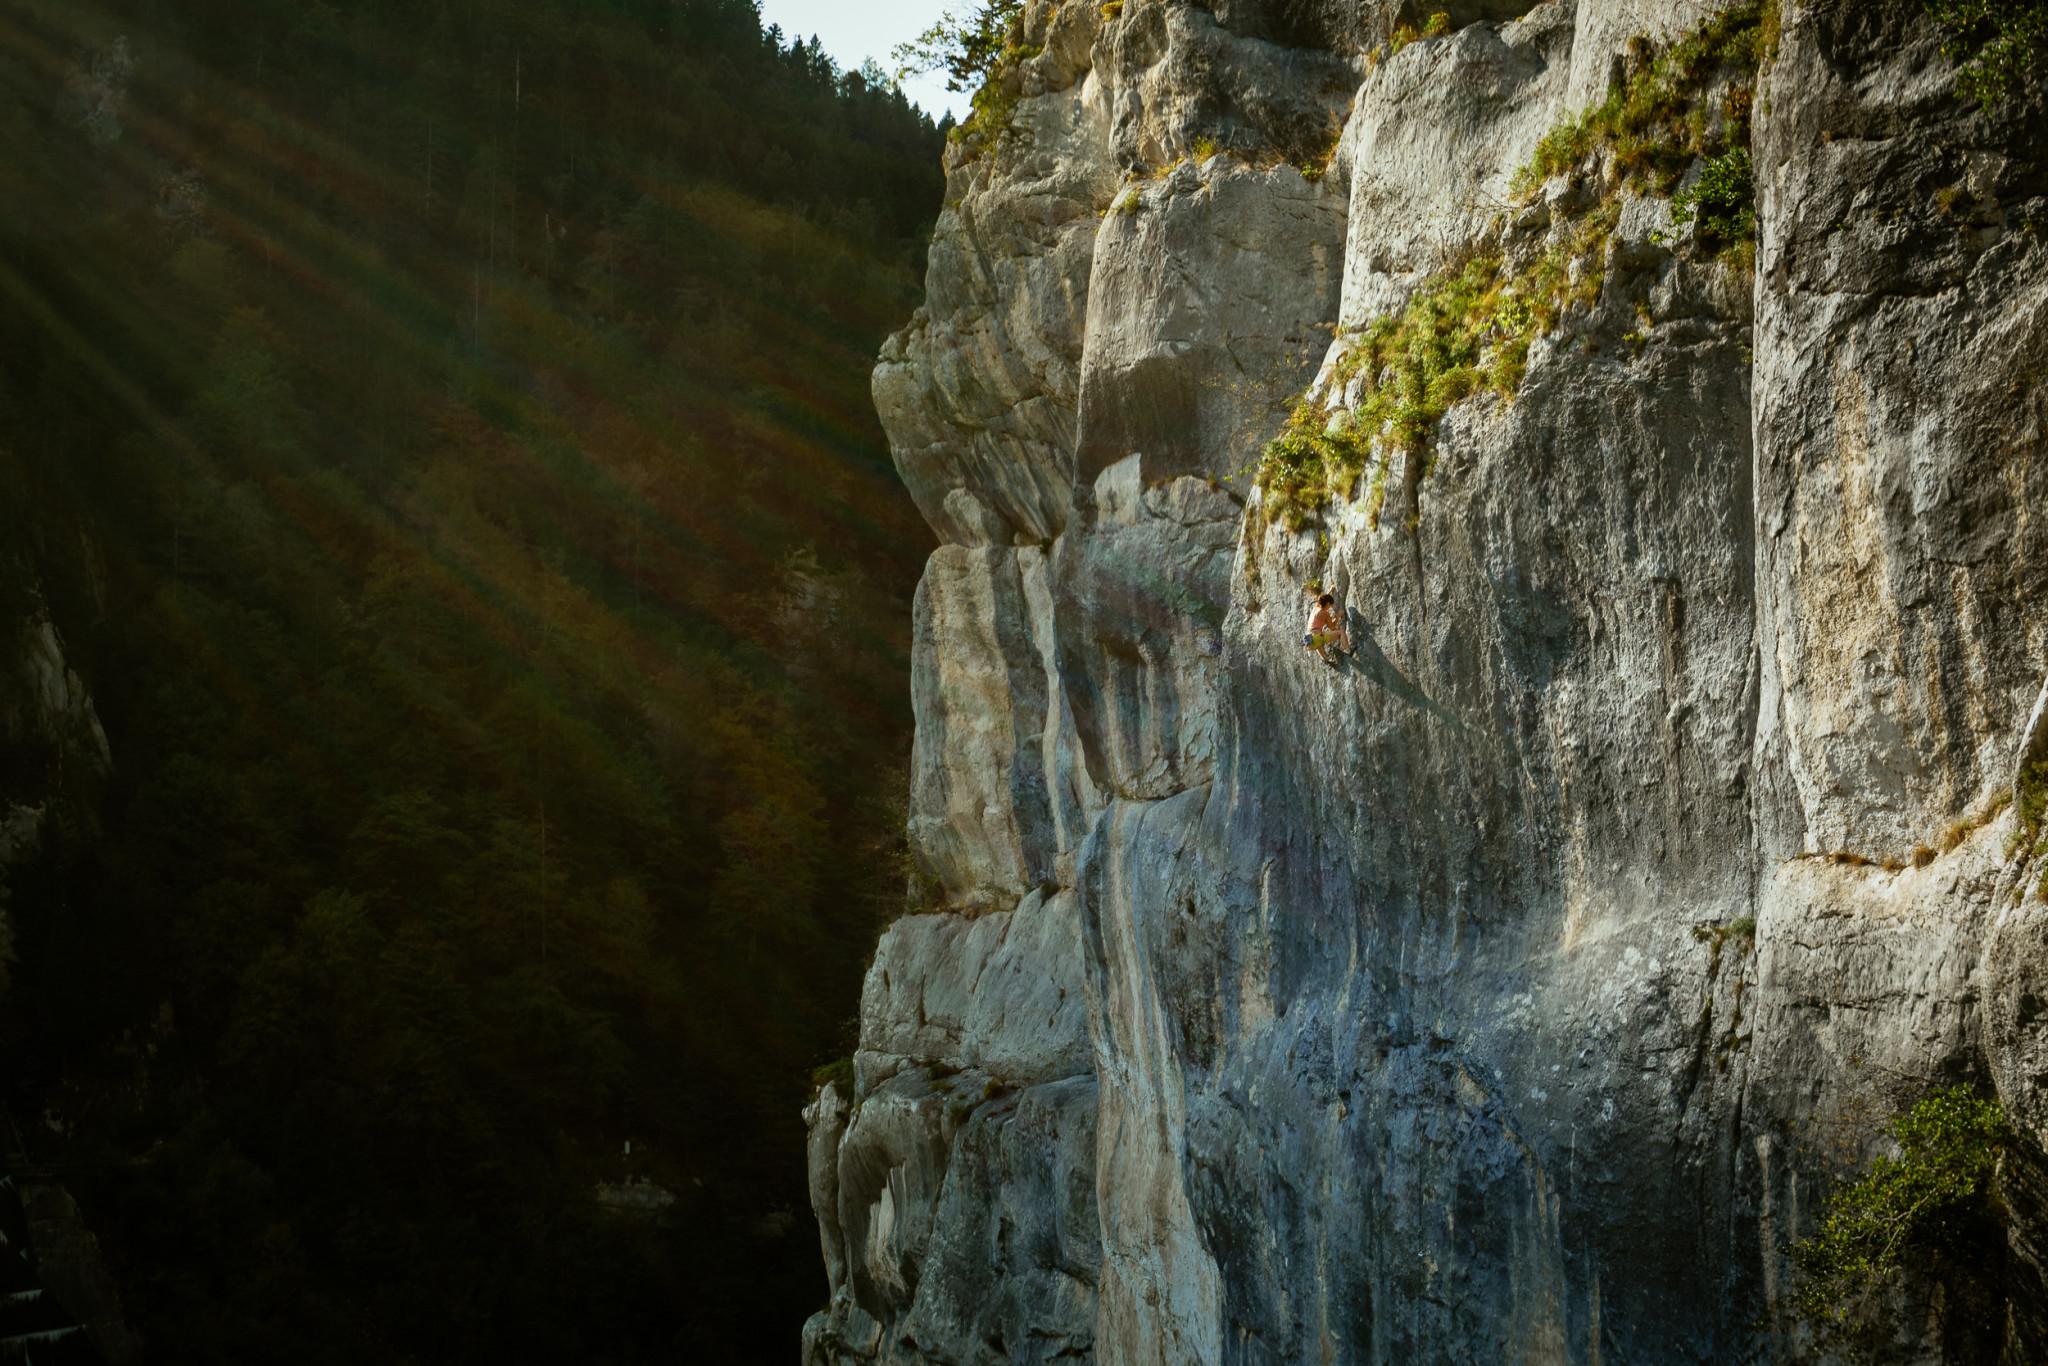 Le barrage du Chatelôt, Suisse   Photo : Chris Schmid